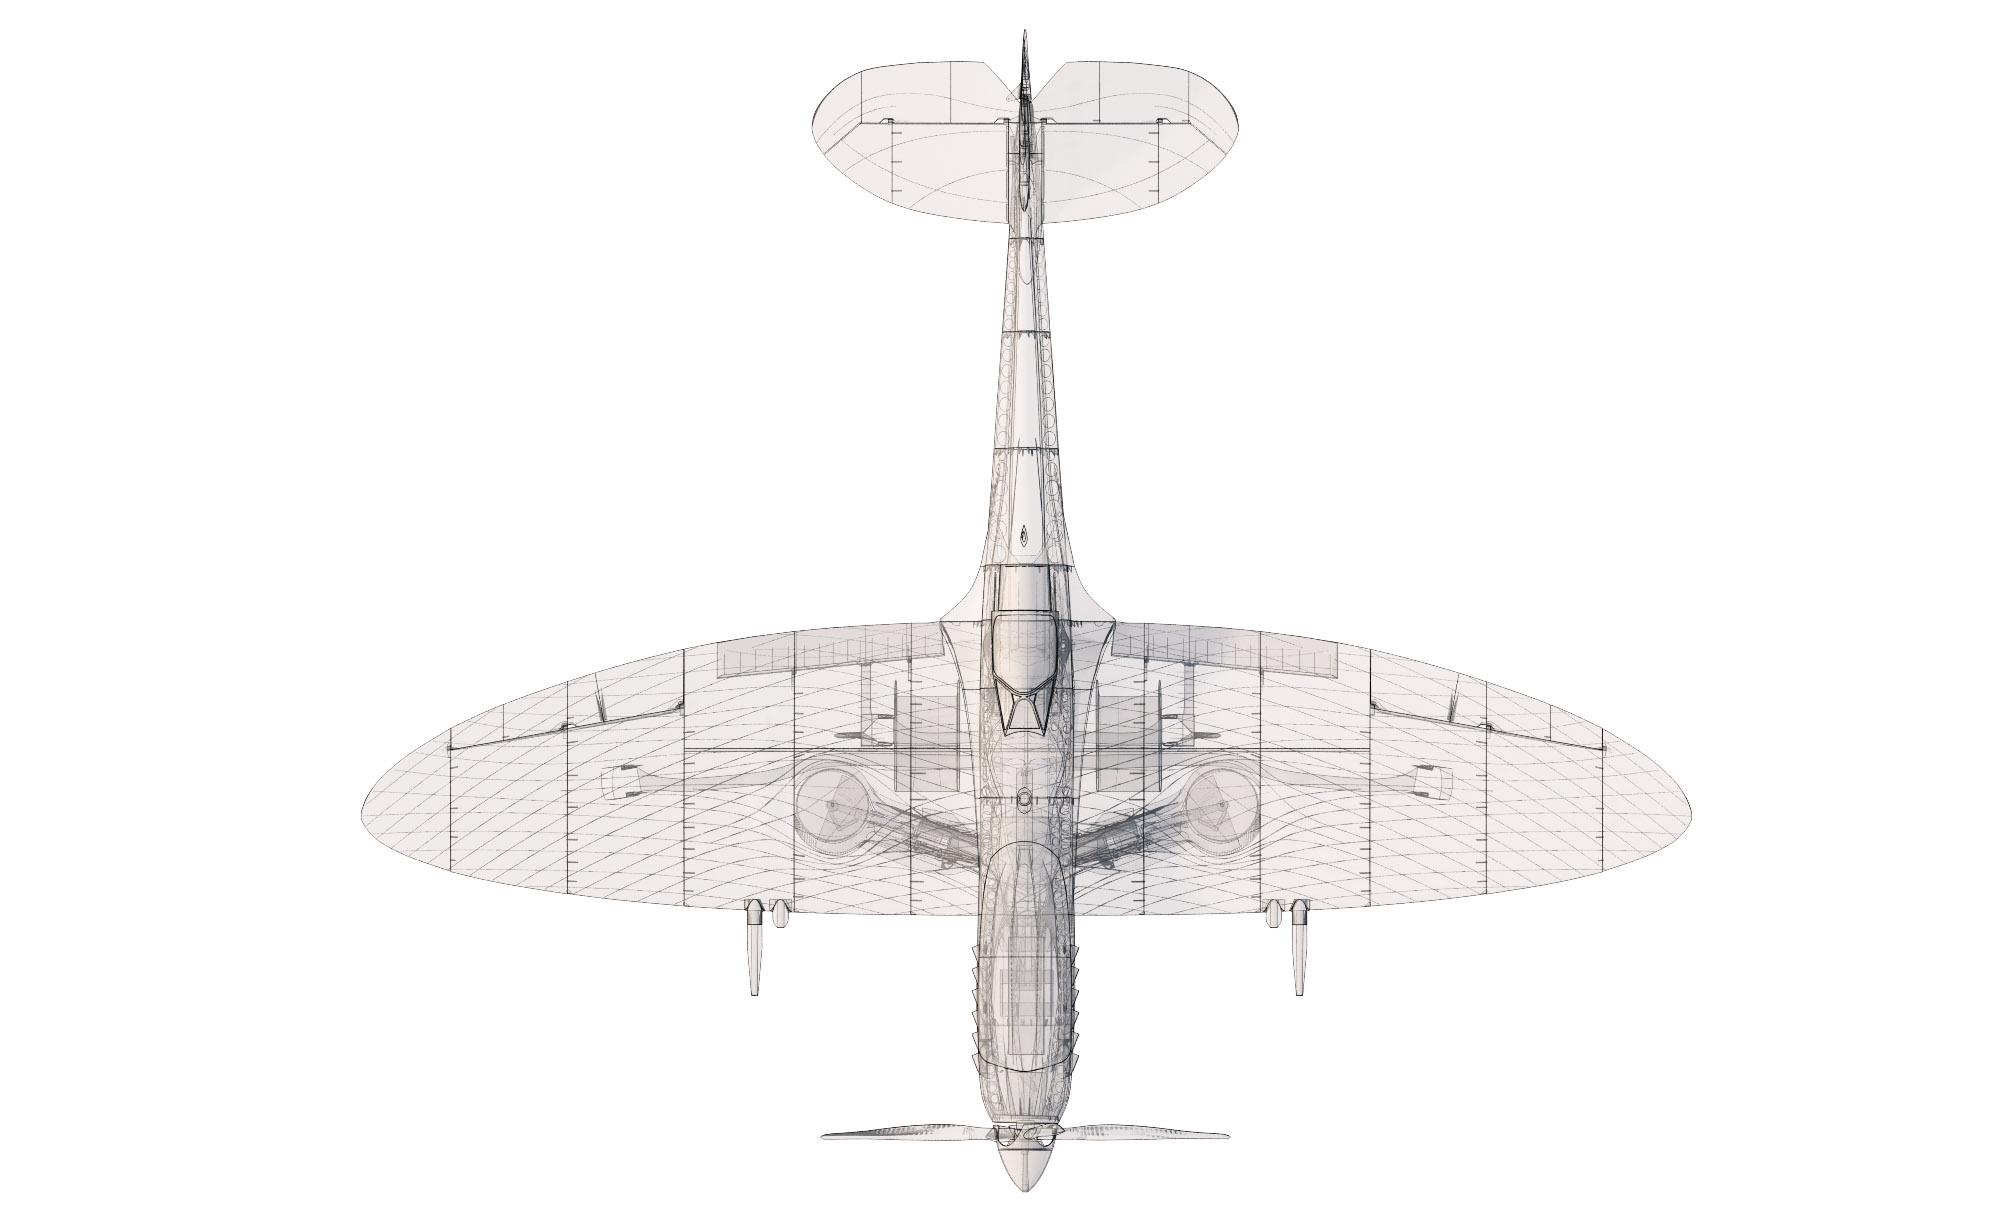 spitfire_MkIX_top